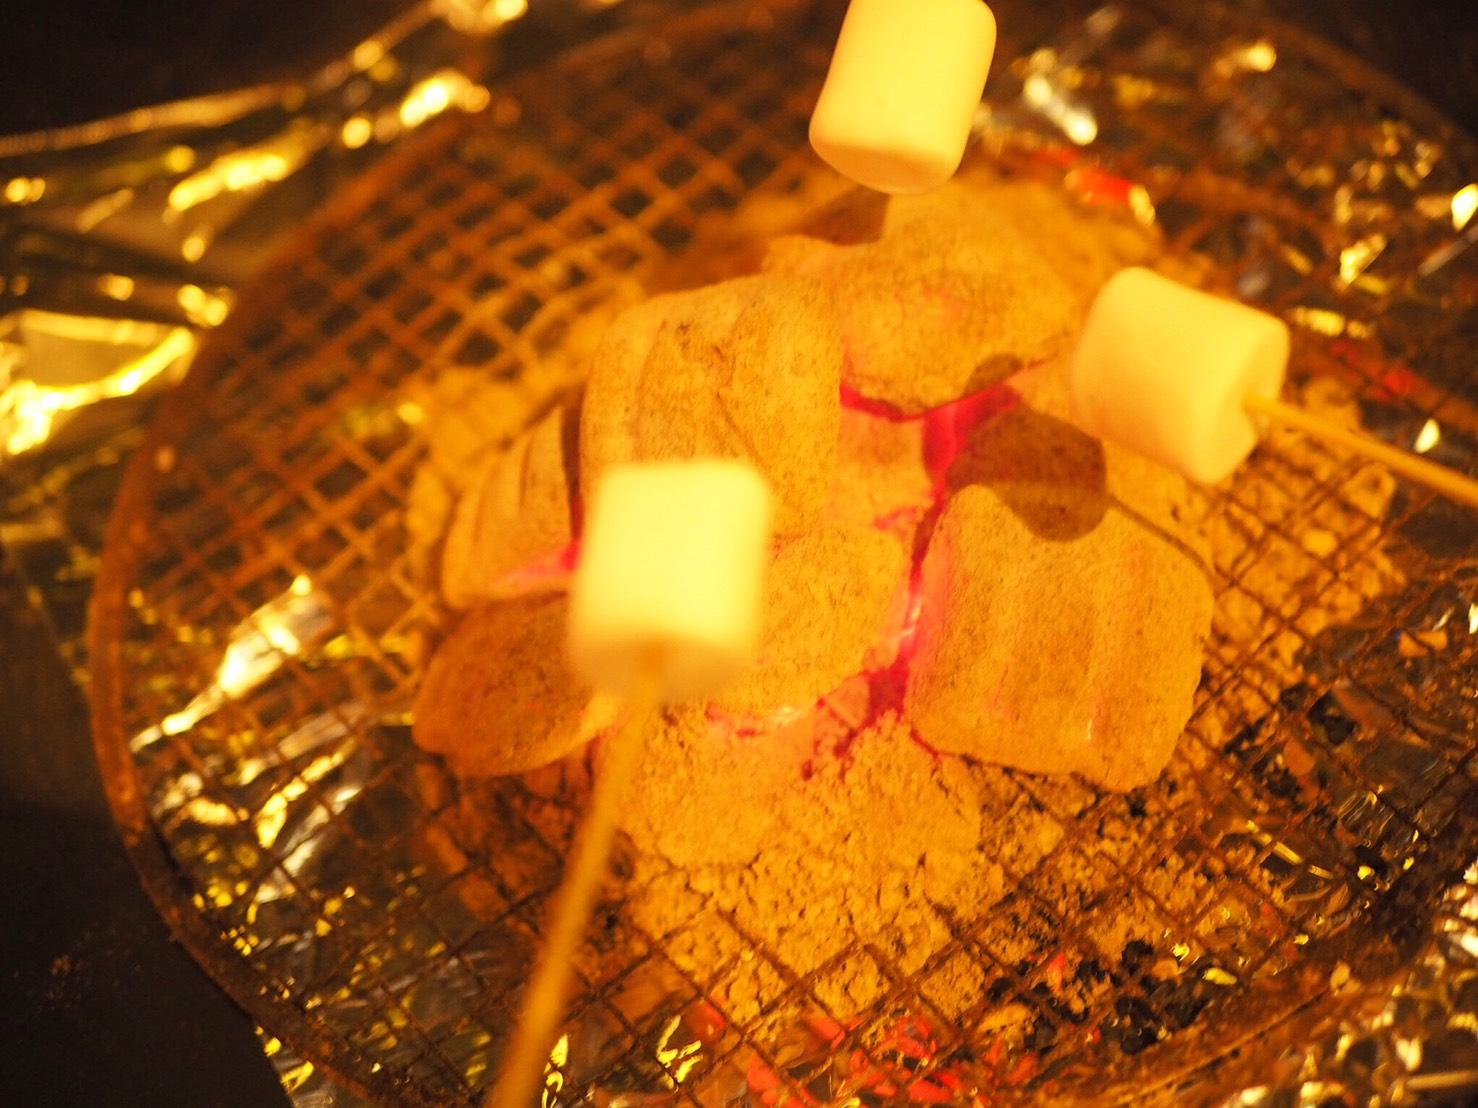 噂のスポット!茅場町でキャンプ体験ができる【REWILD OUTDOOR TOKYO】レポ♡_22